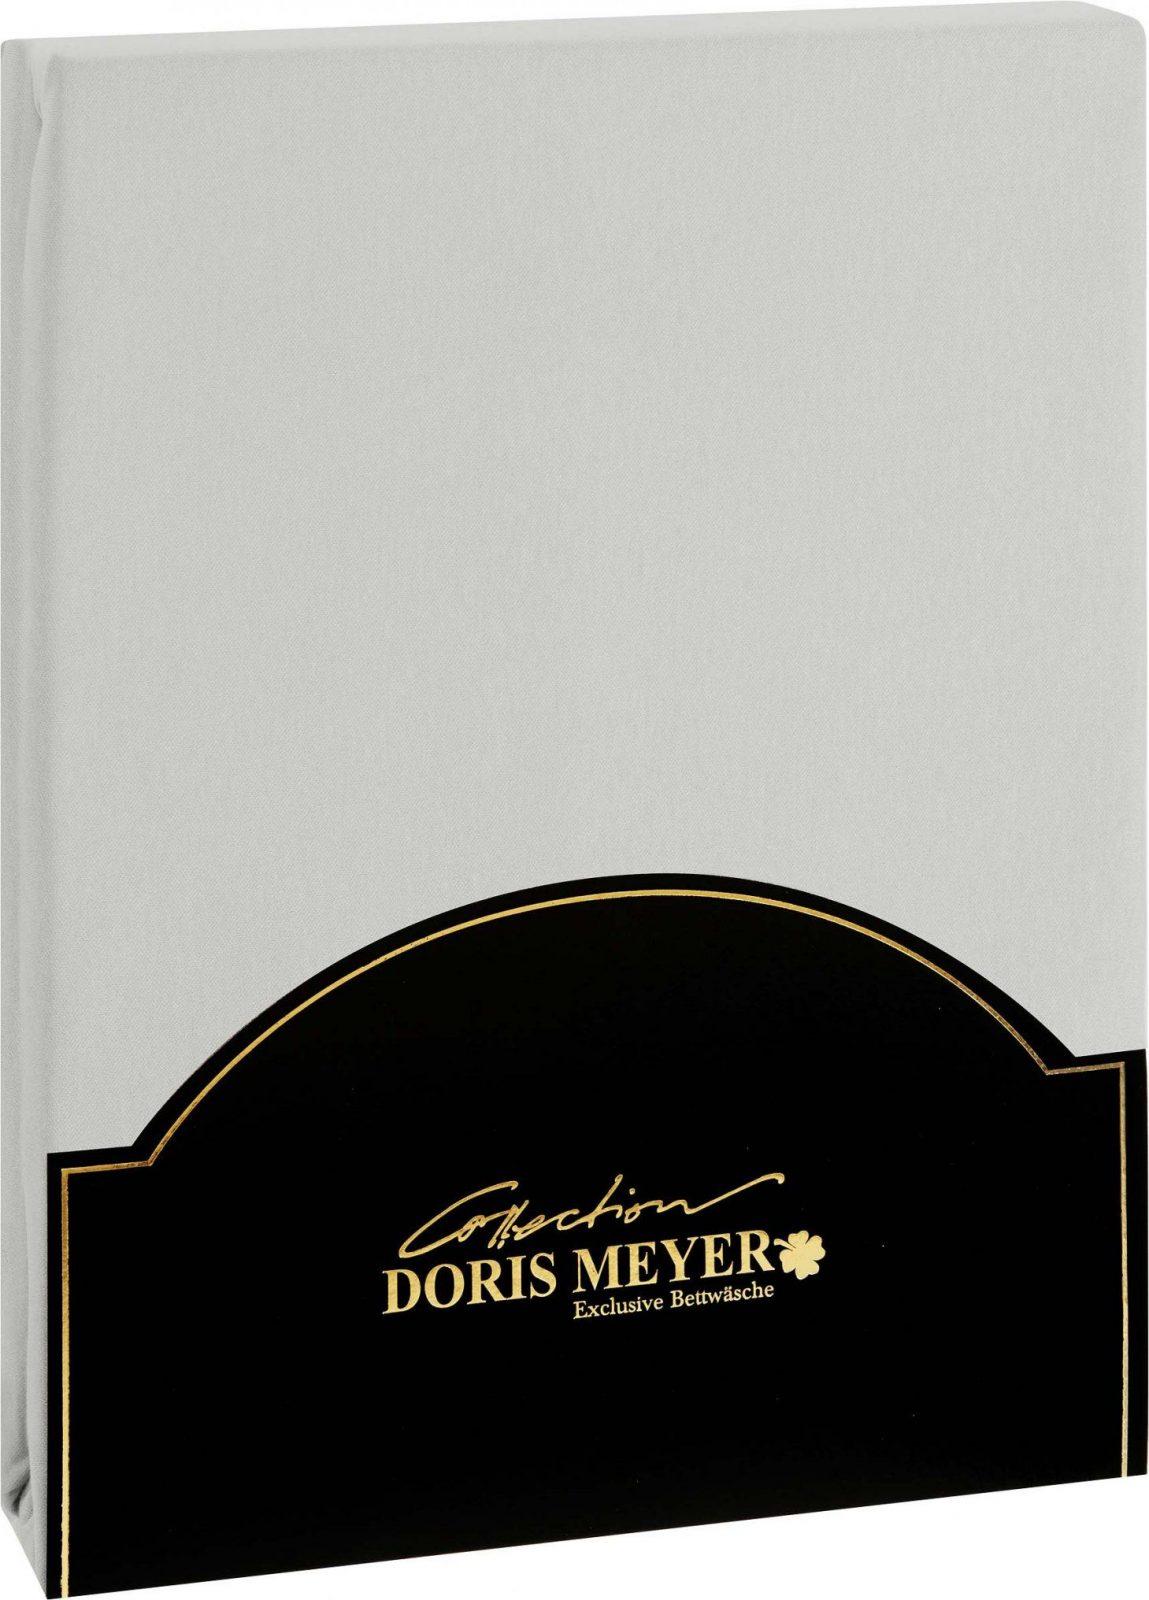 Nicky Velours Spannbetttuch Luxus Online Kaufen Von Doris Meyer von Nicky Velours Bettwäsche Bild